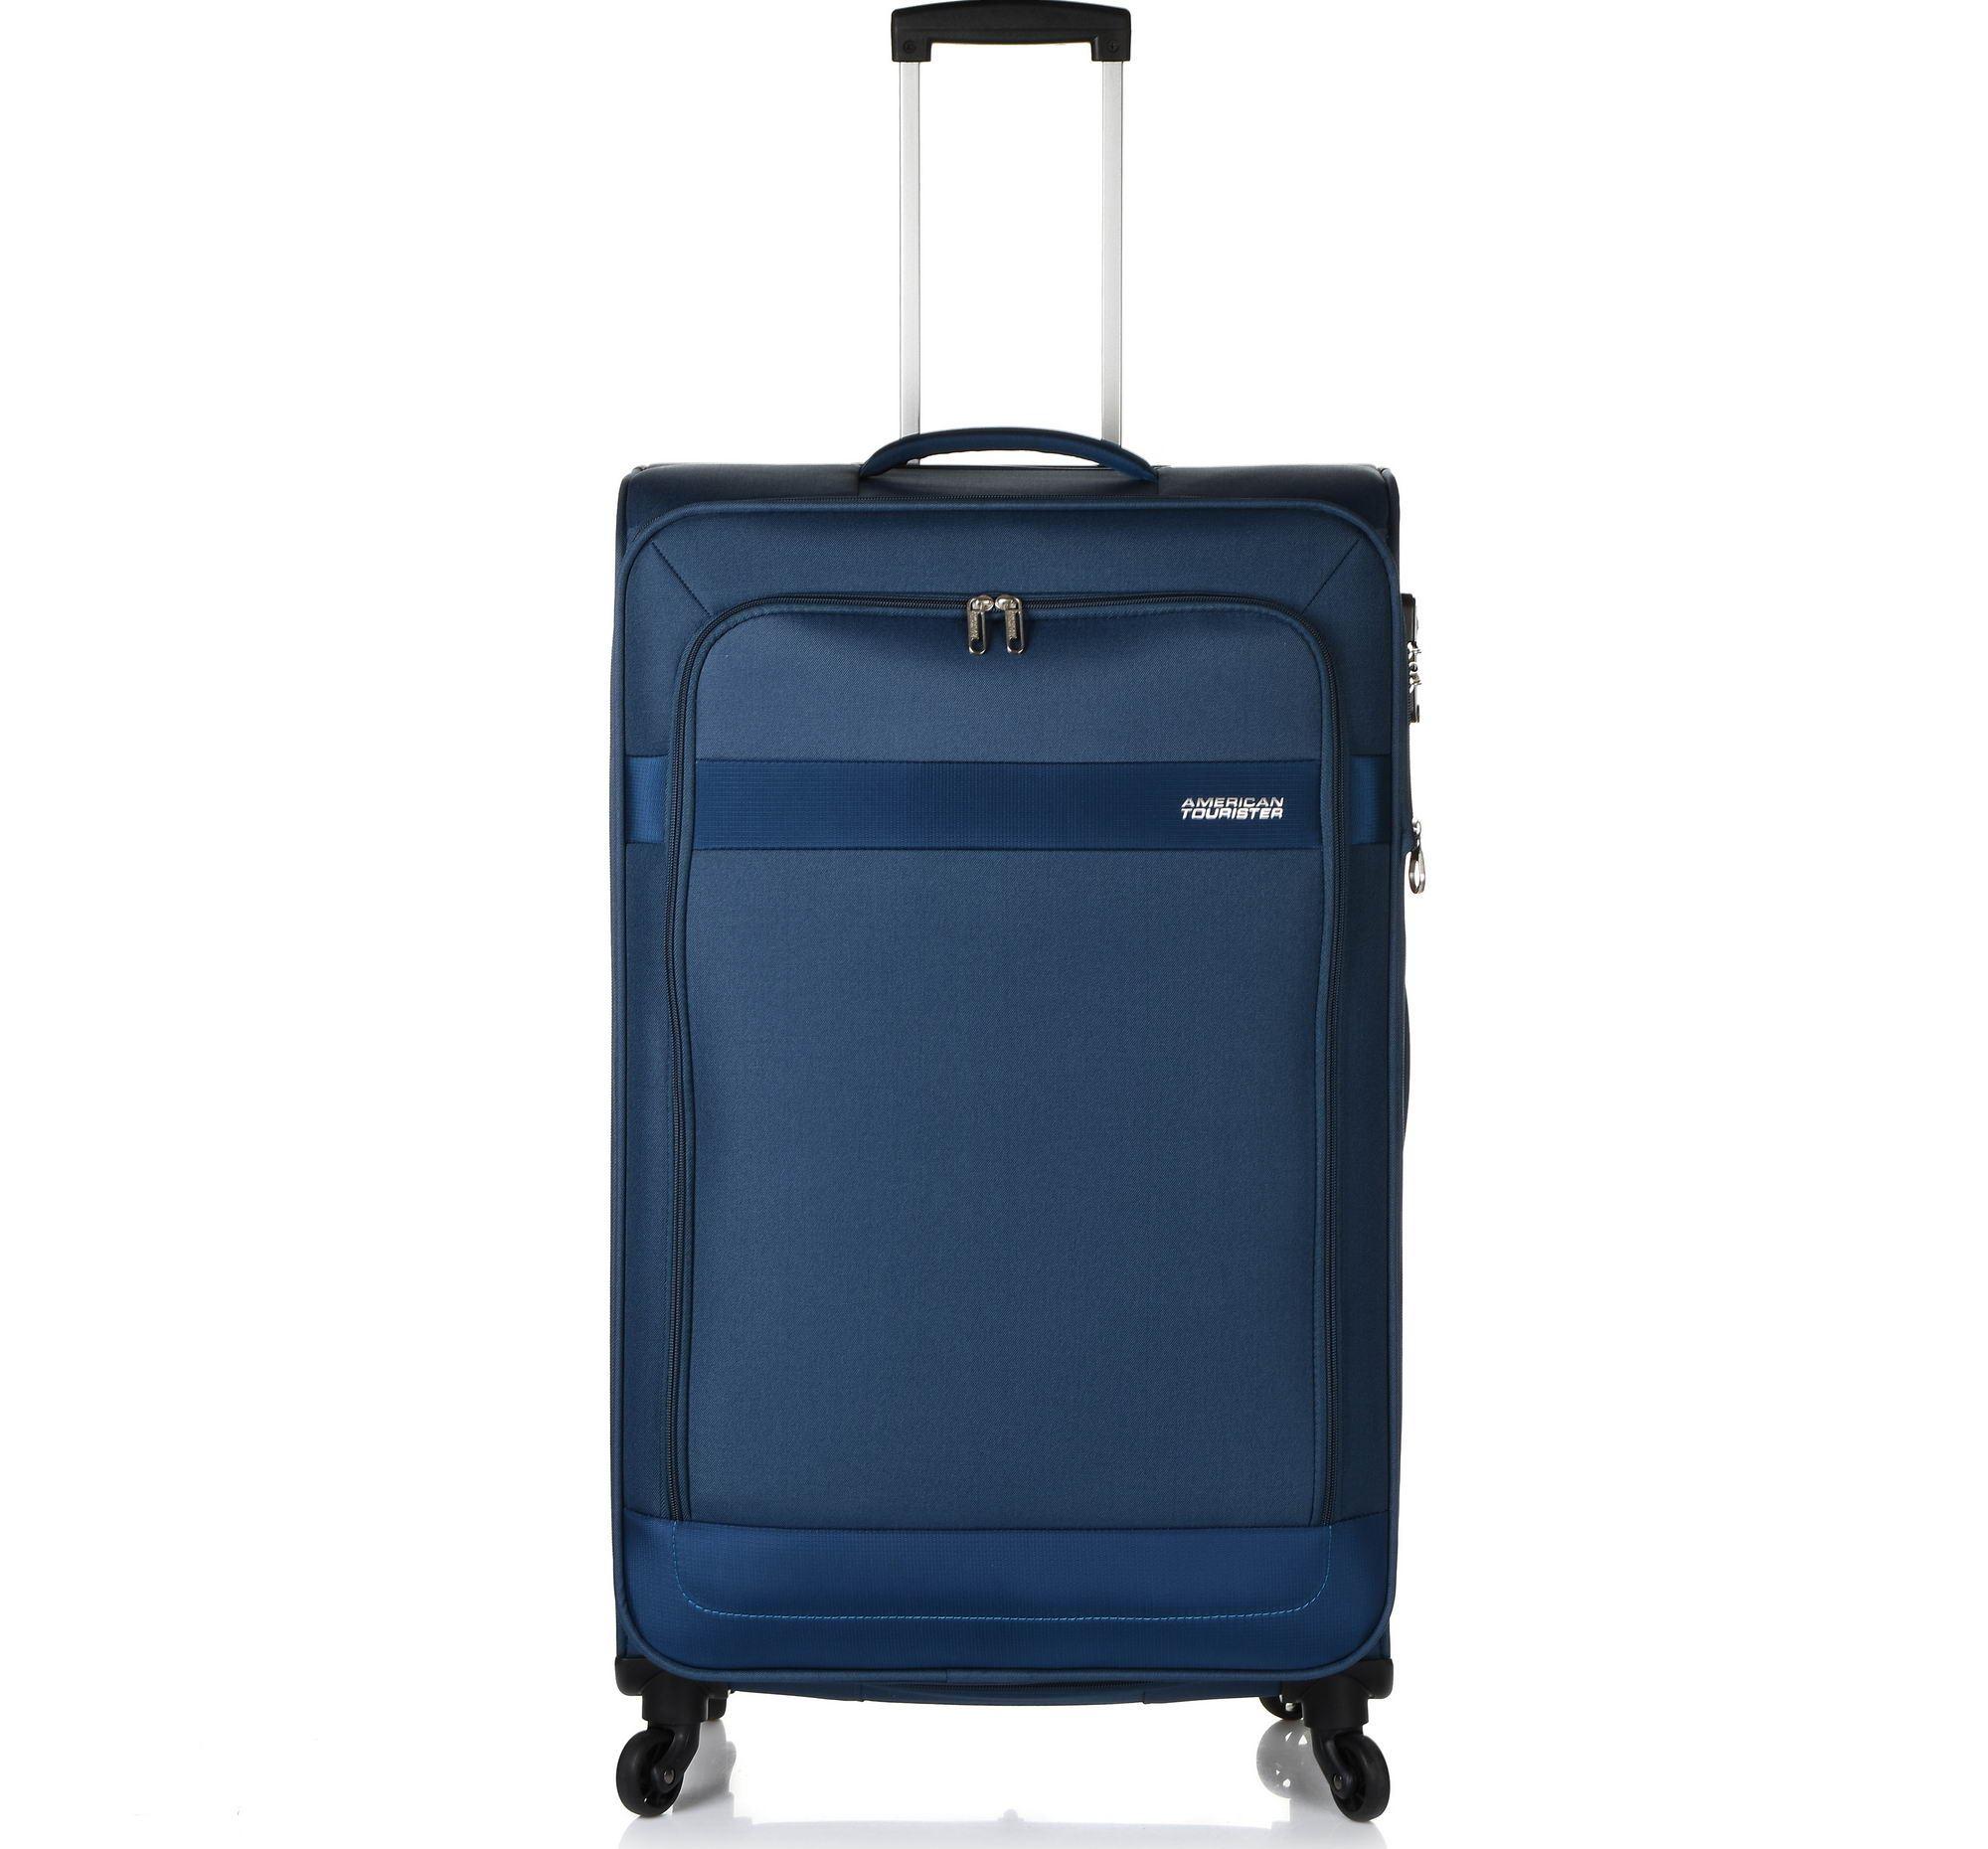 Βαλίτσα Μαλακή American Tourister DAY ONE 80cm 4Wheels TSA 108136 Expandable Large